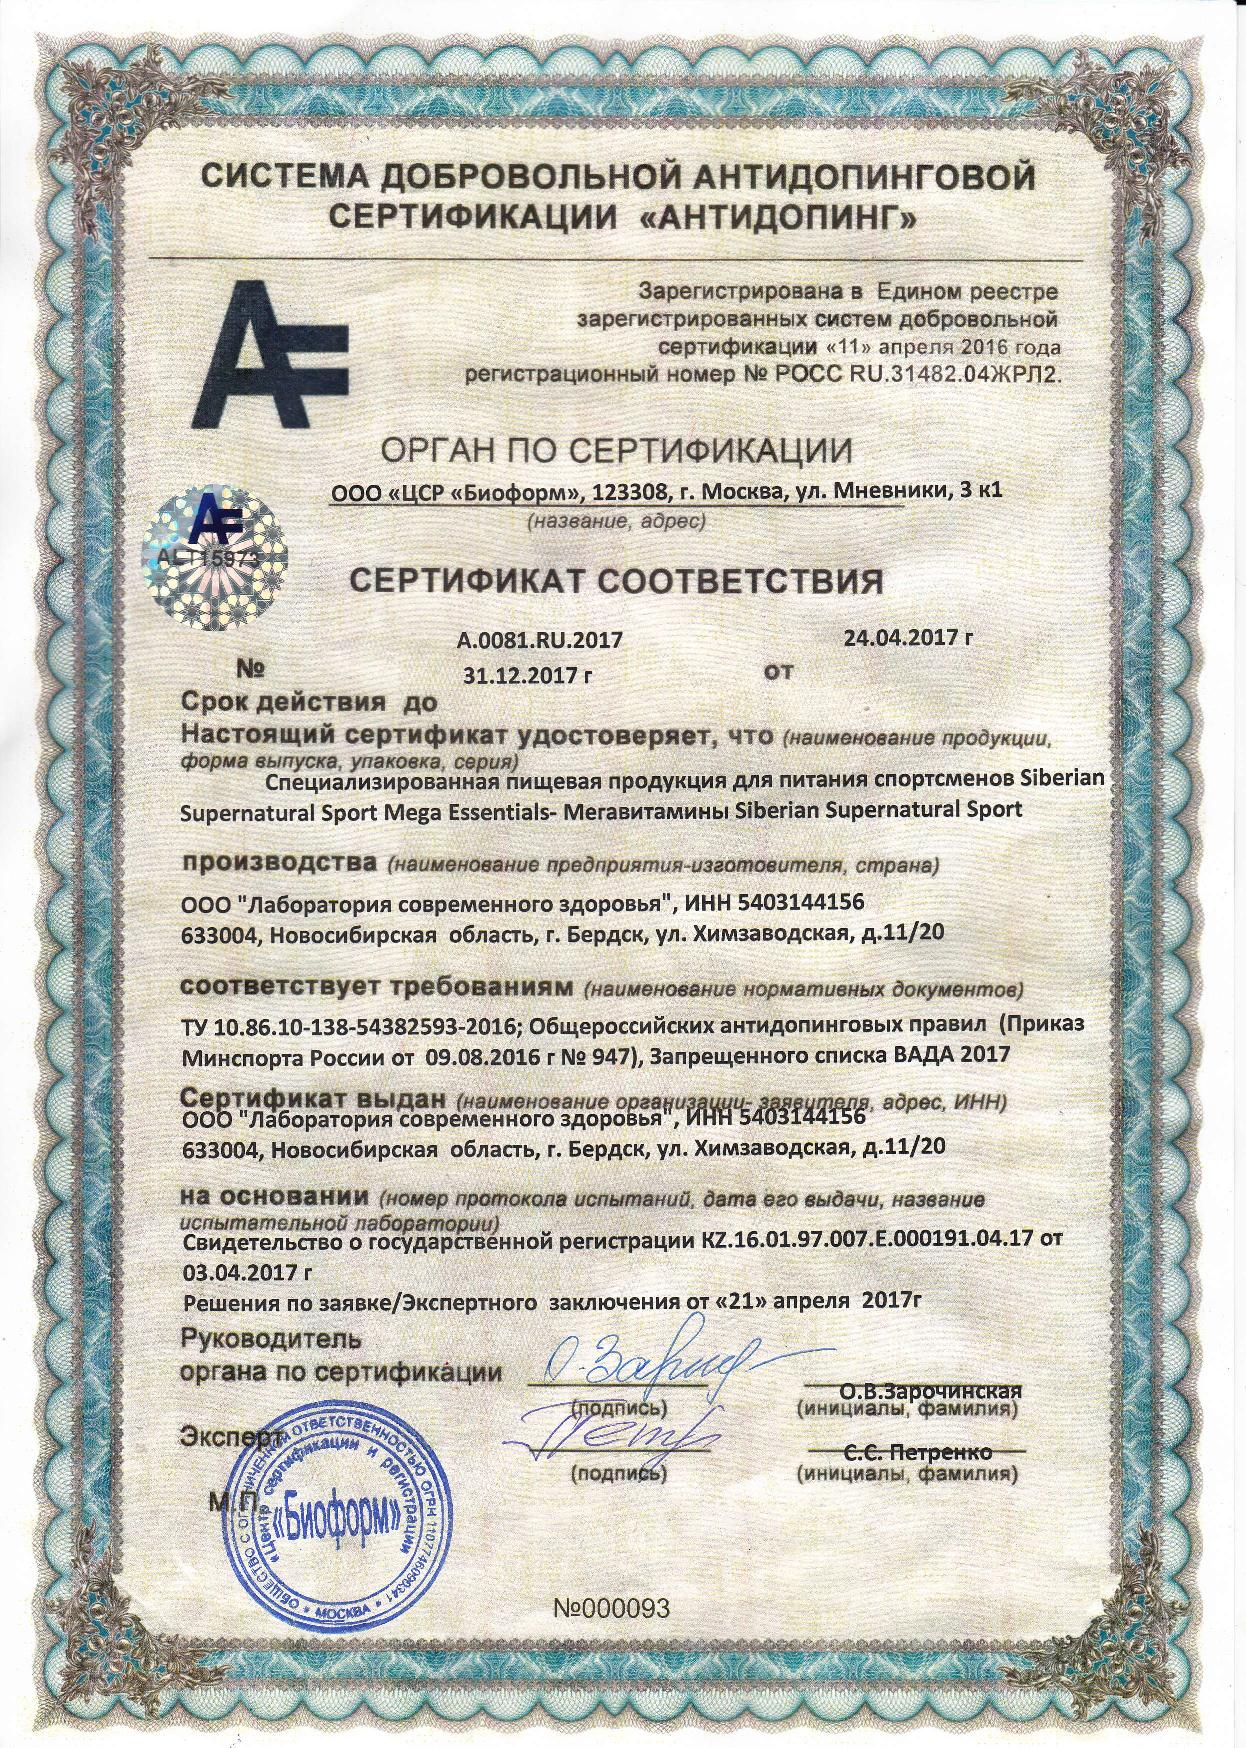 Сертификат соответствия